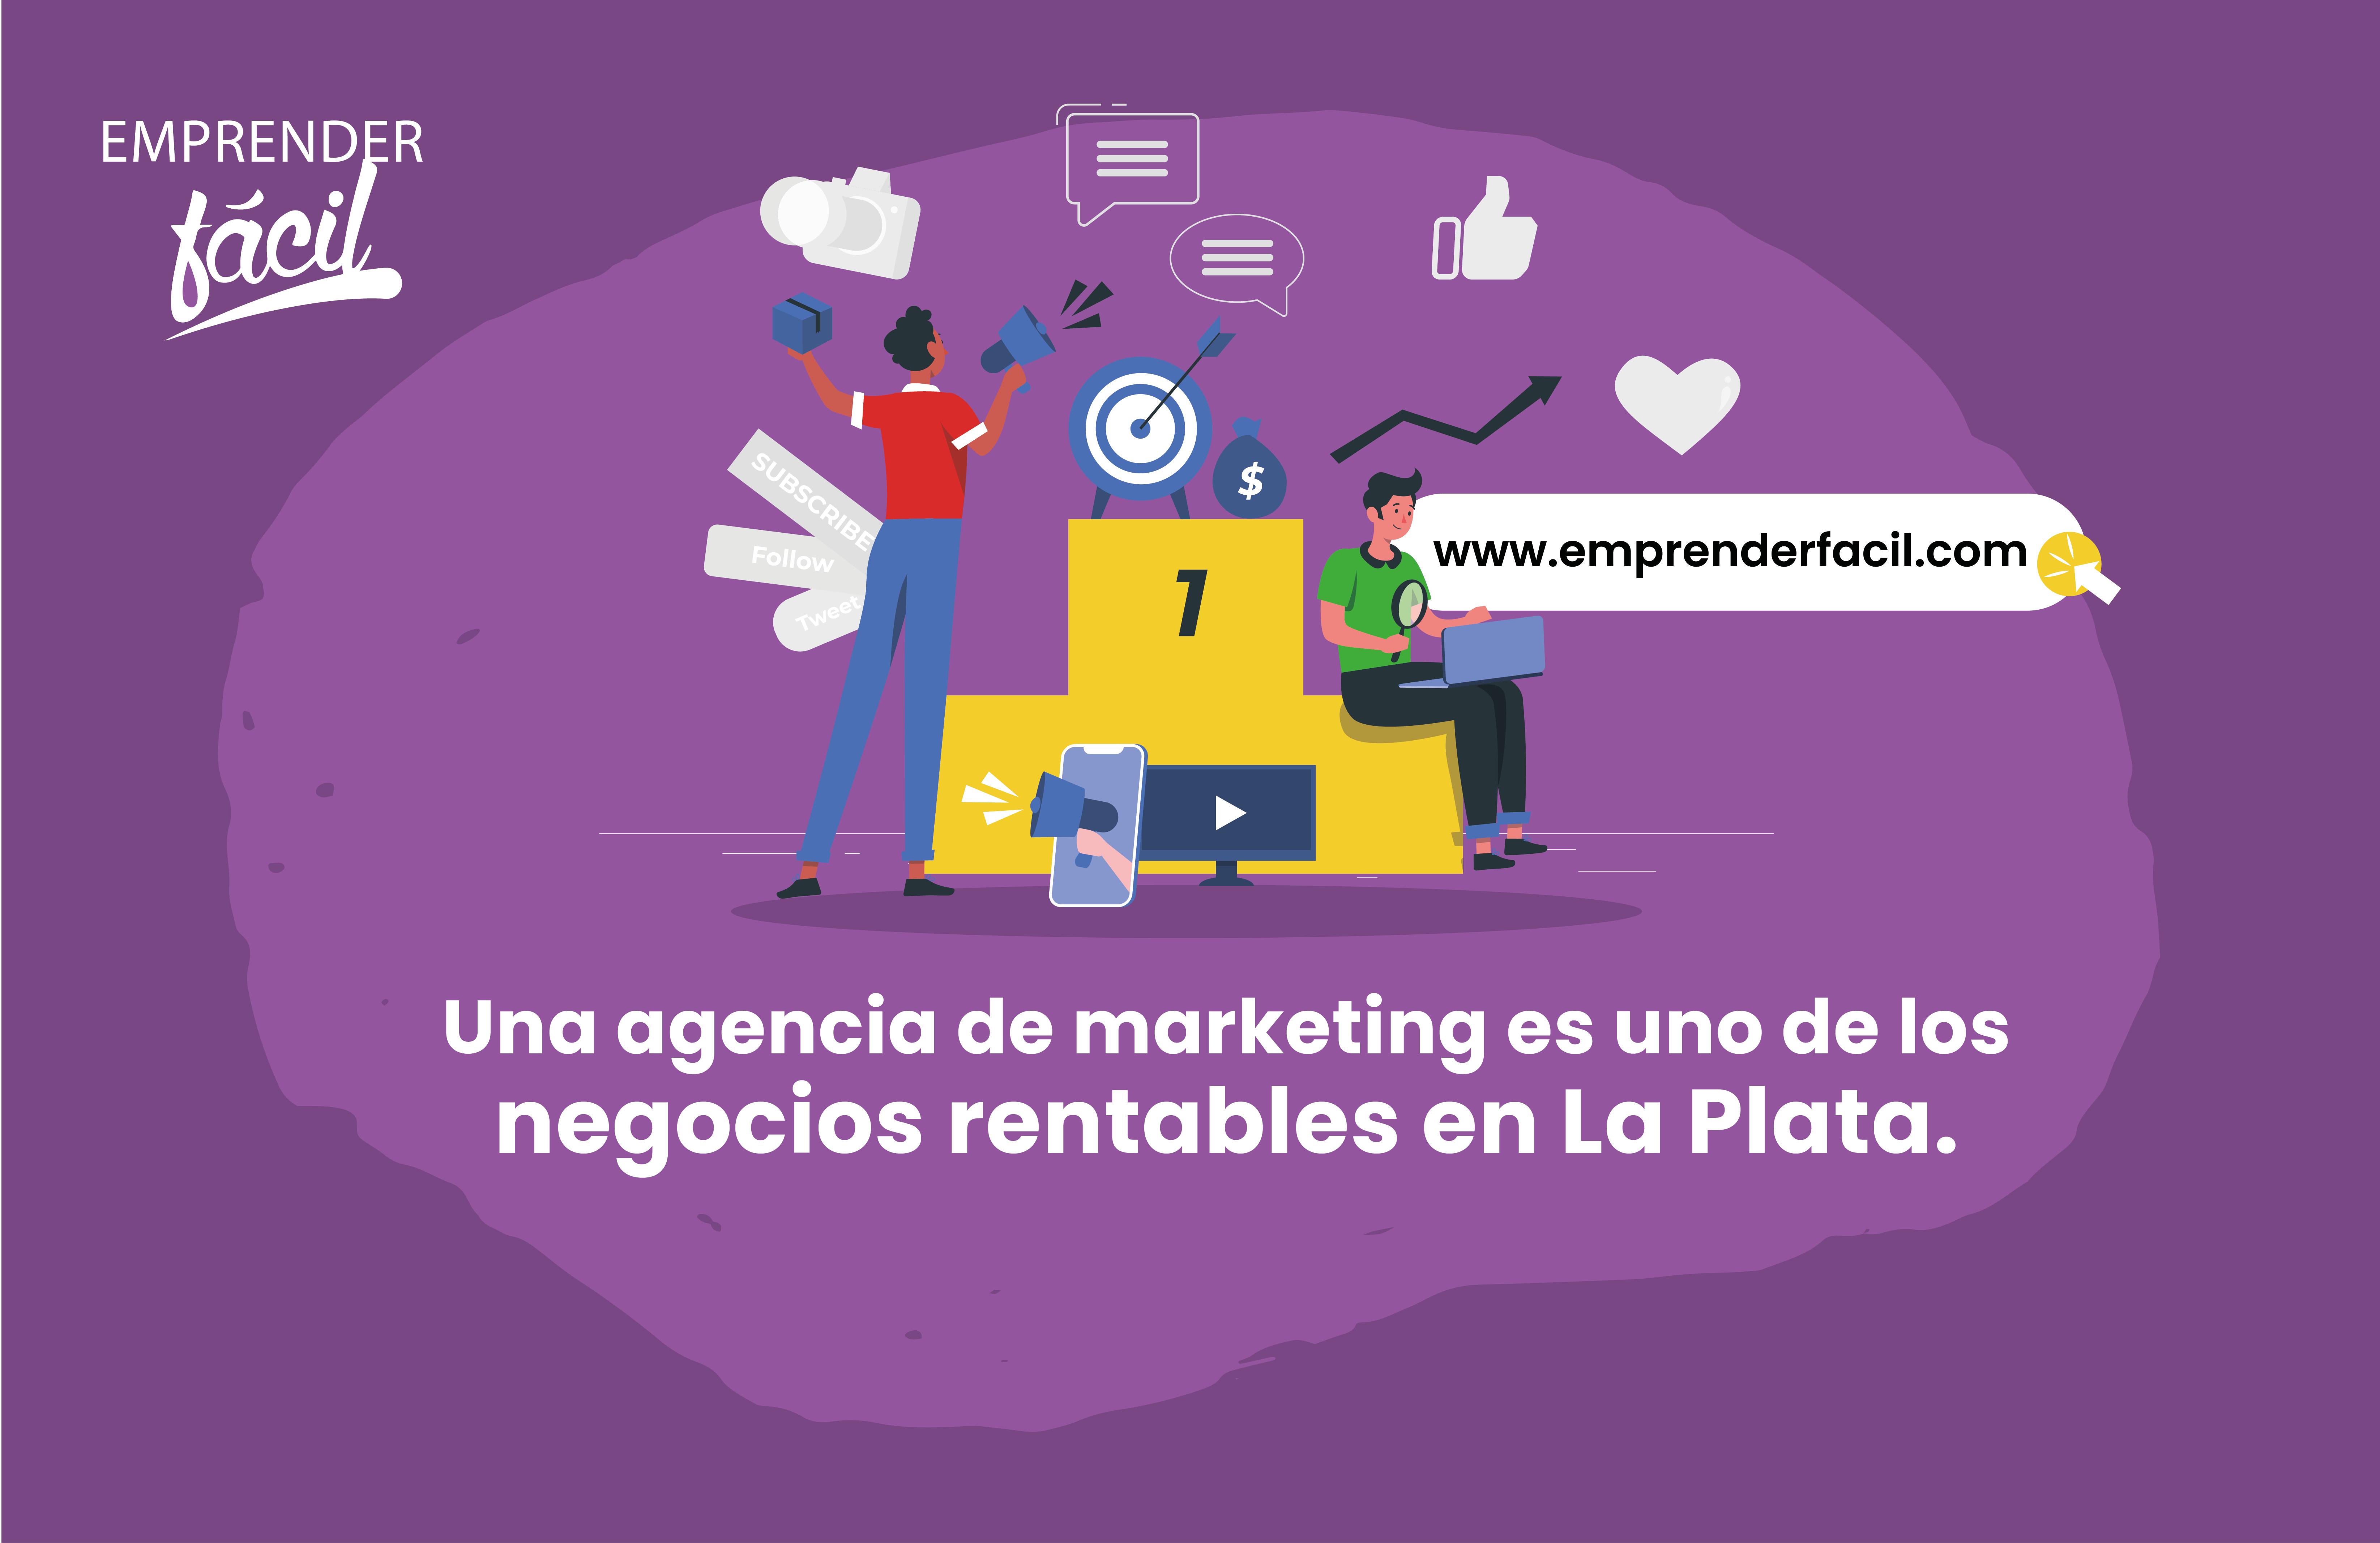 Una agencia de marketing es uno de los negocios rentables en La Plata.